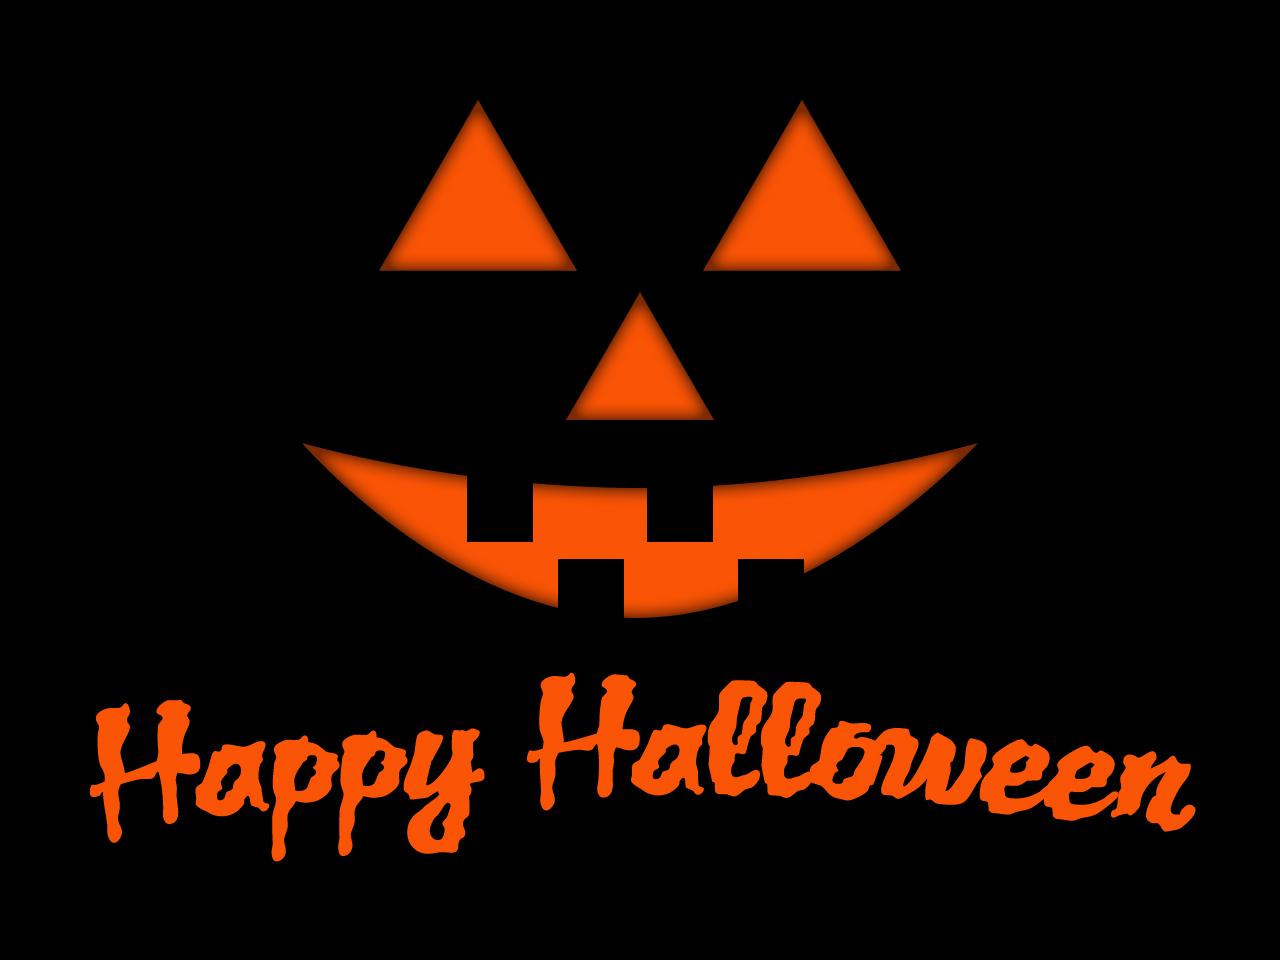 Free Download Best Halloween Wallpaper For Iphone Wallpaper